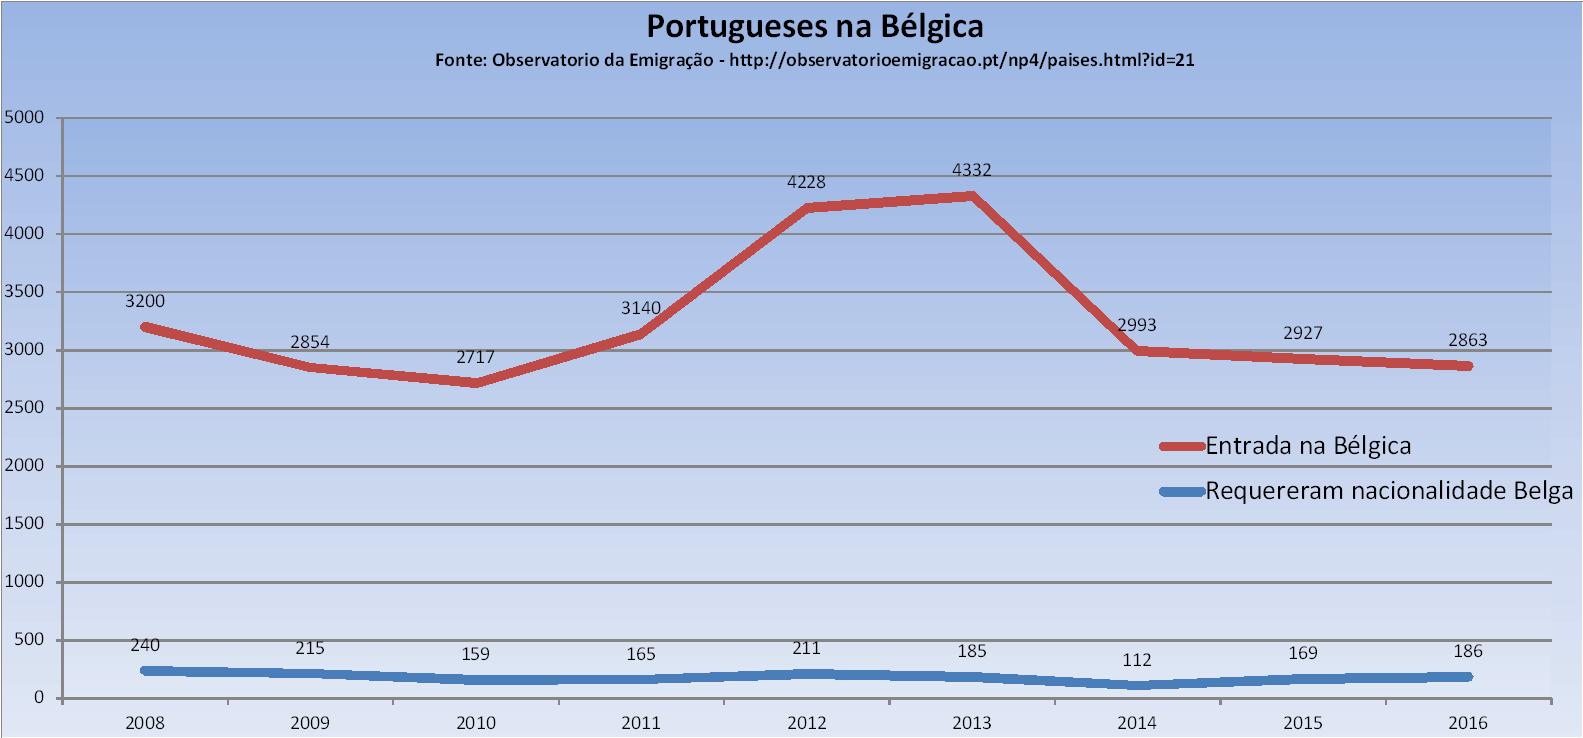 Entradas e Requisição de Nacionalidade Belga Portugueses na Bélgica